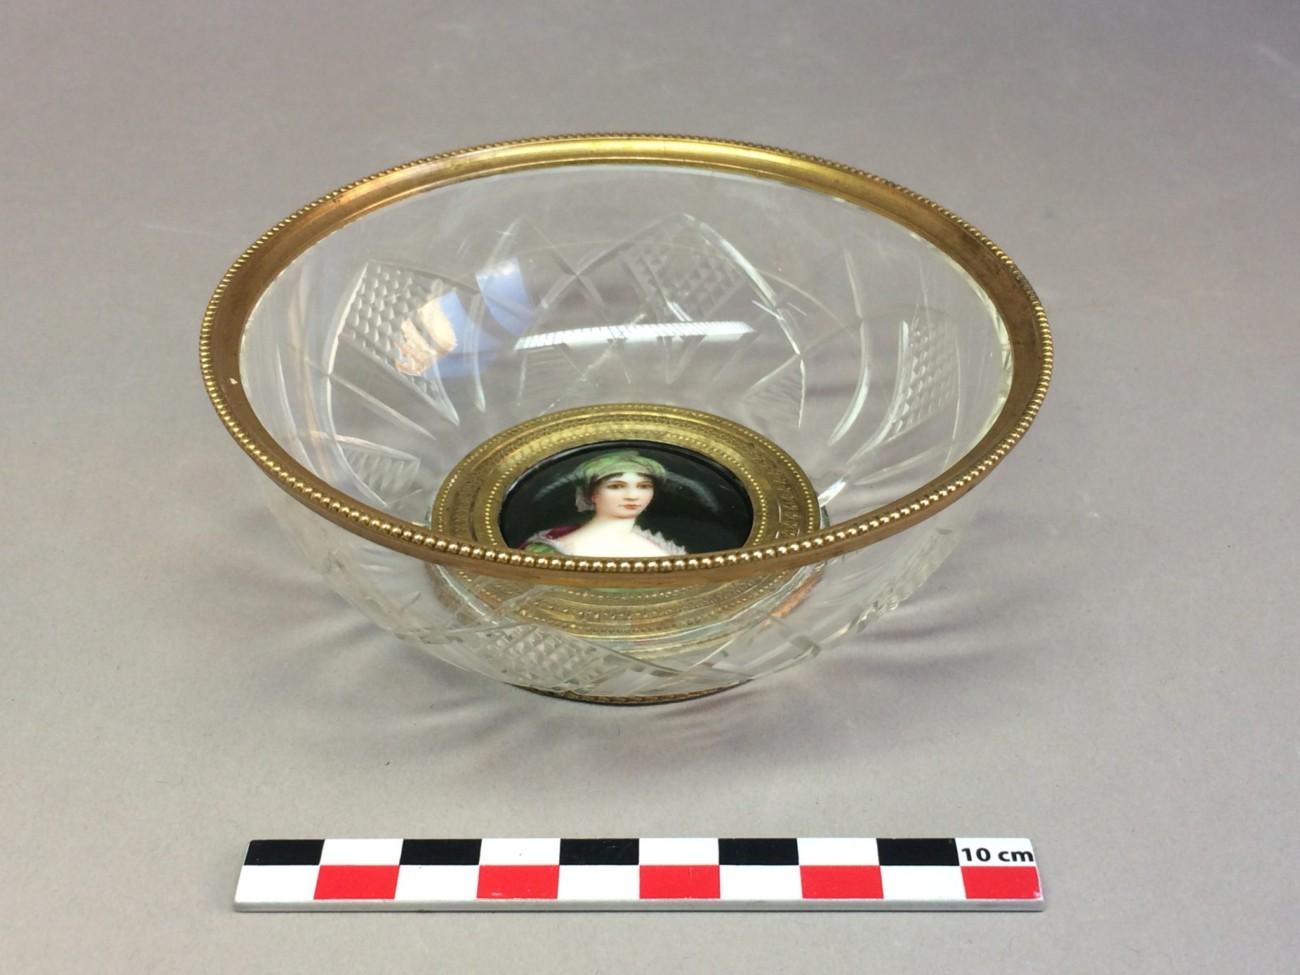 Restauration d'une coupelle en verre brisée